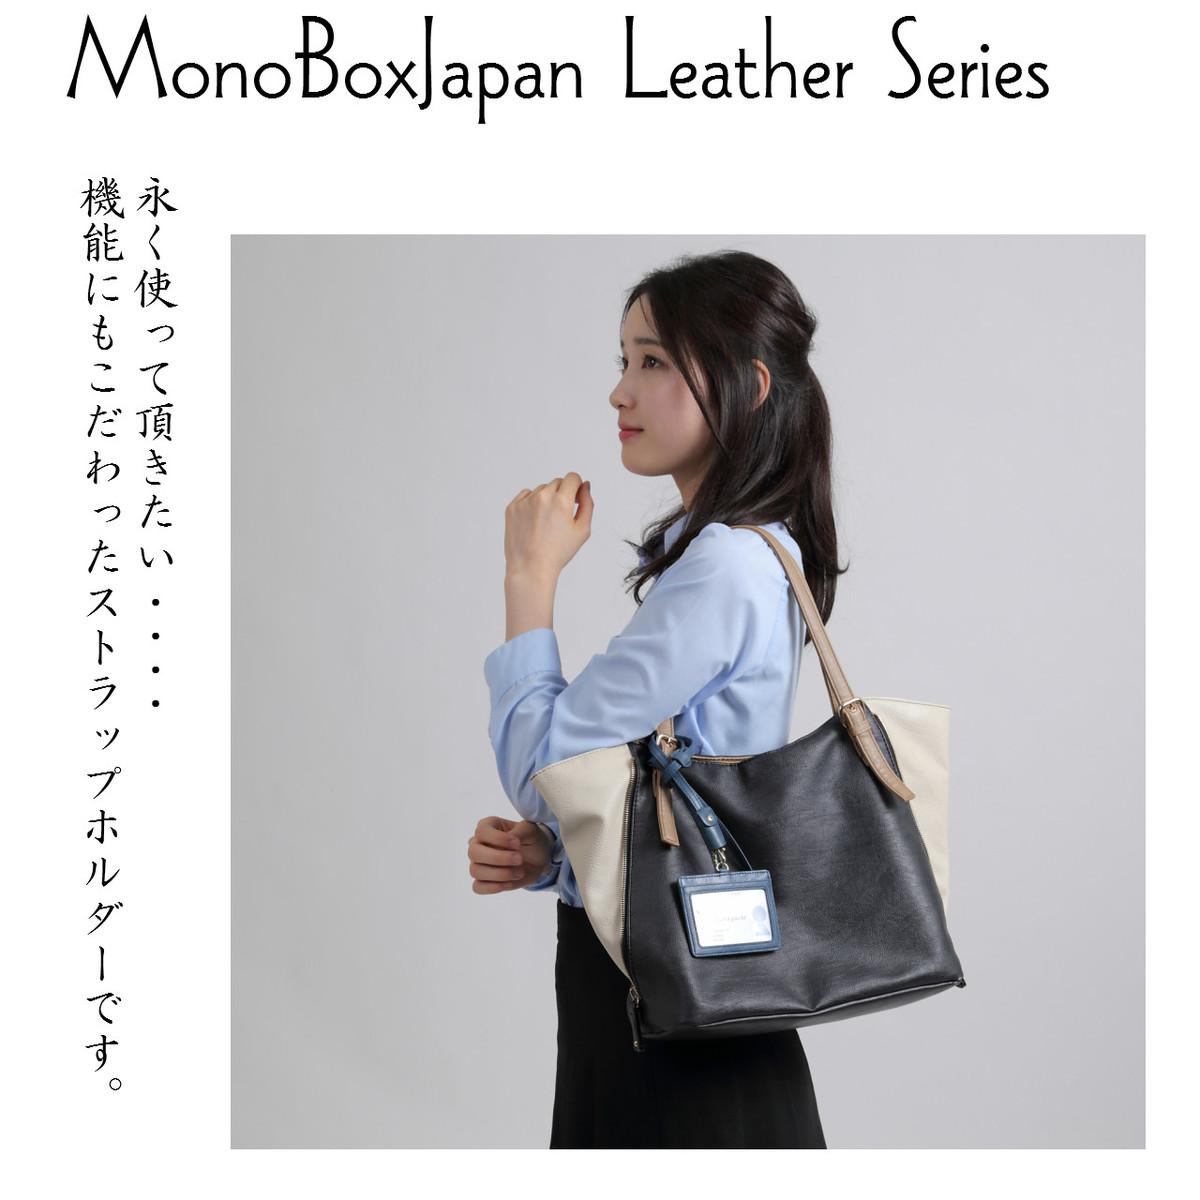 モノボックスジャパン 牛革 IDカードホルダー ネックストラップ 安全装置 長さ調整可能 ストラップカバー付き 軽量 強化フィルム仕様